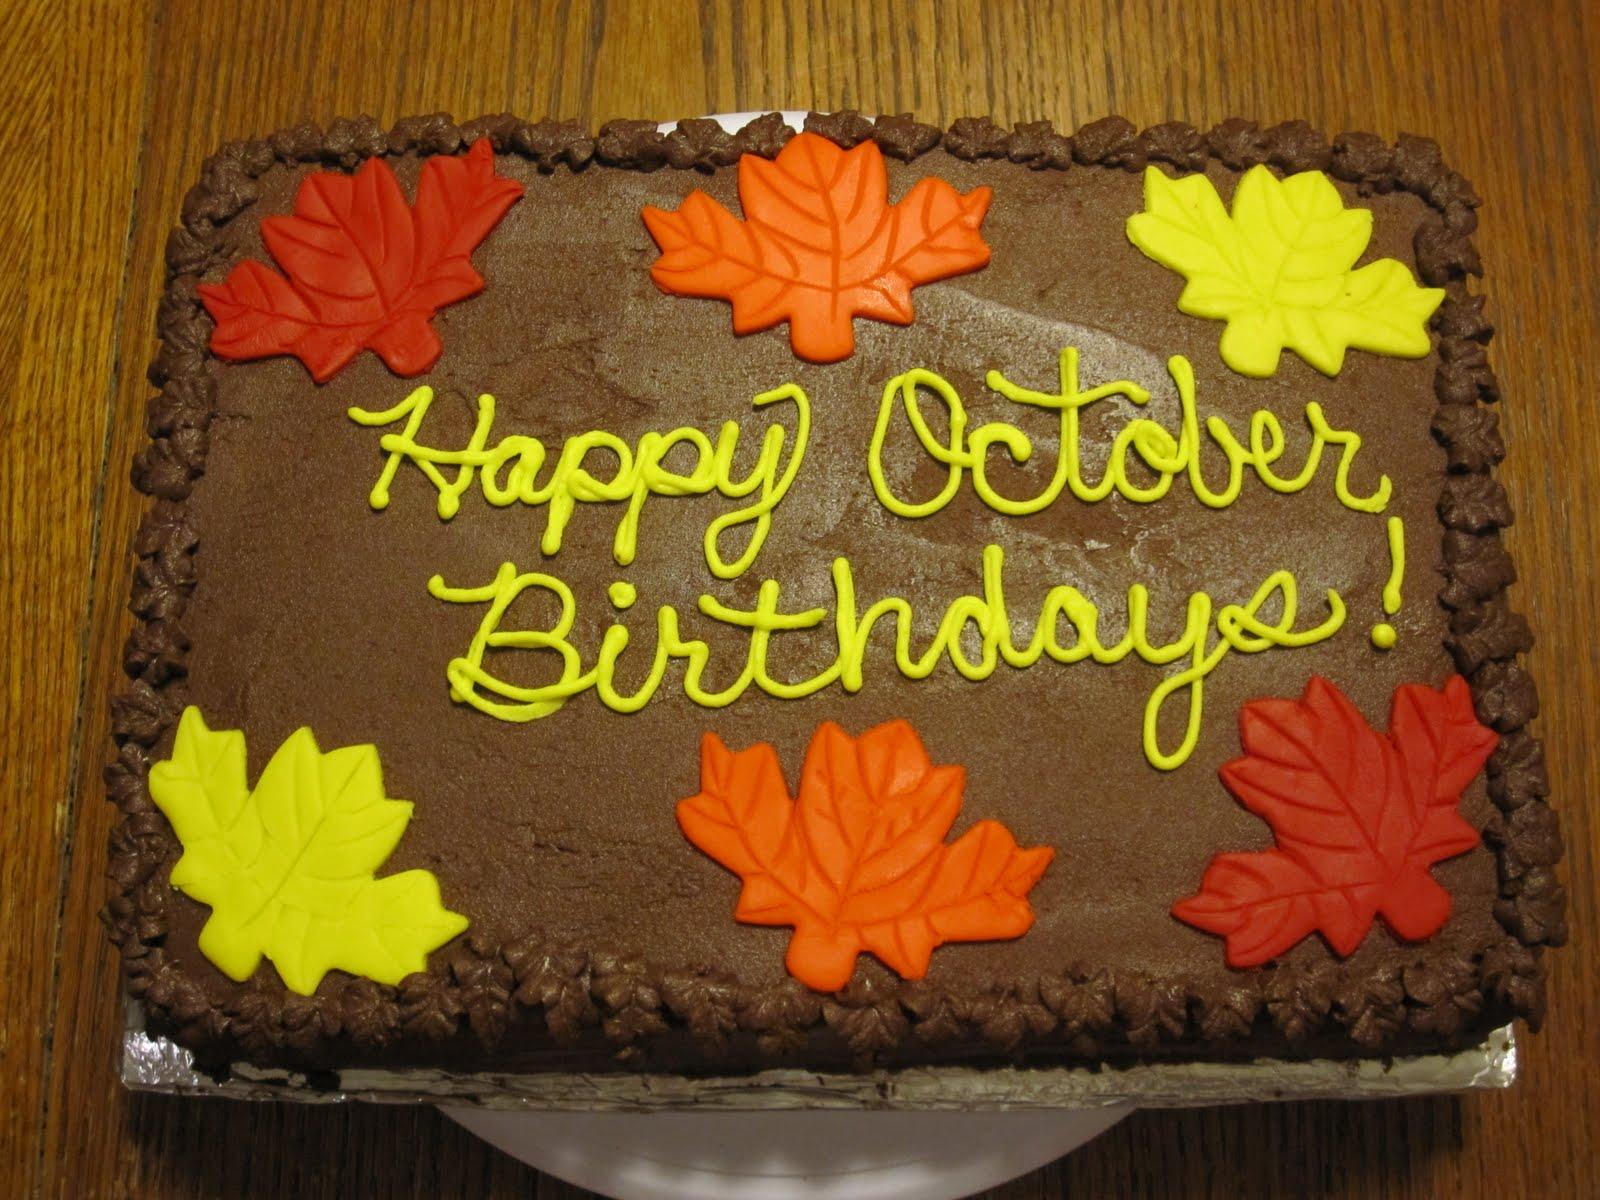 Taste Amp See Cake Design Fall Themed Birthday Cake